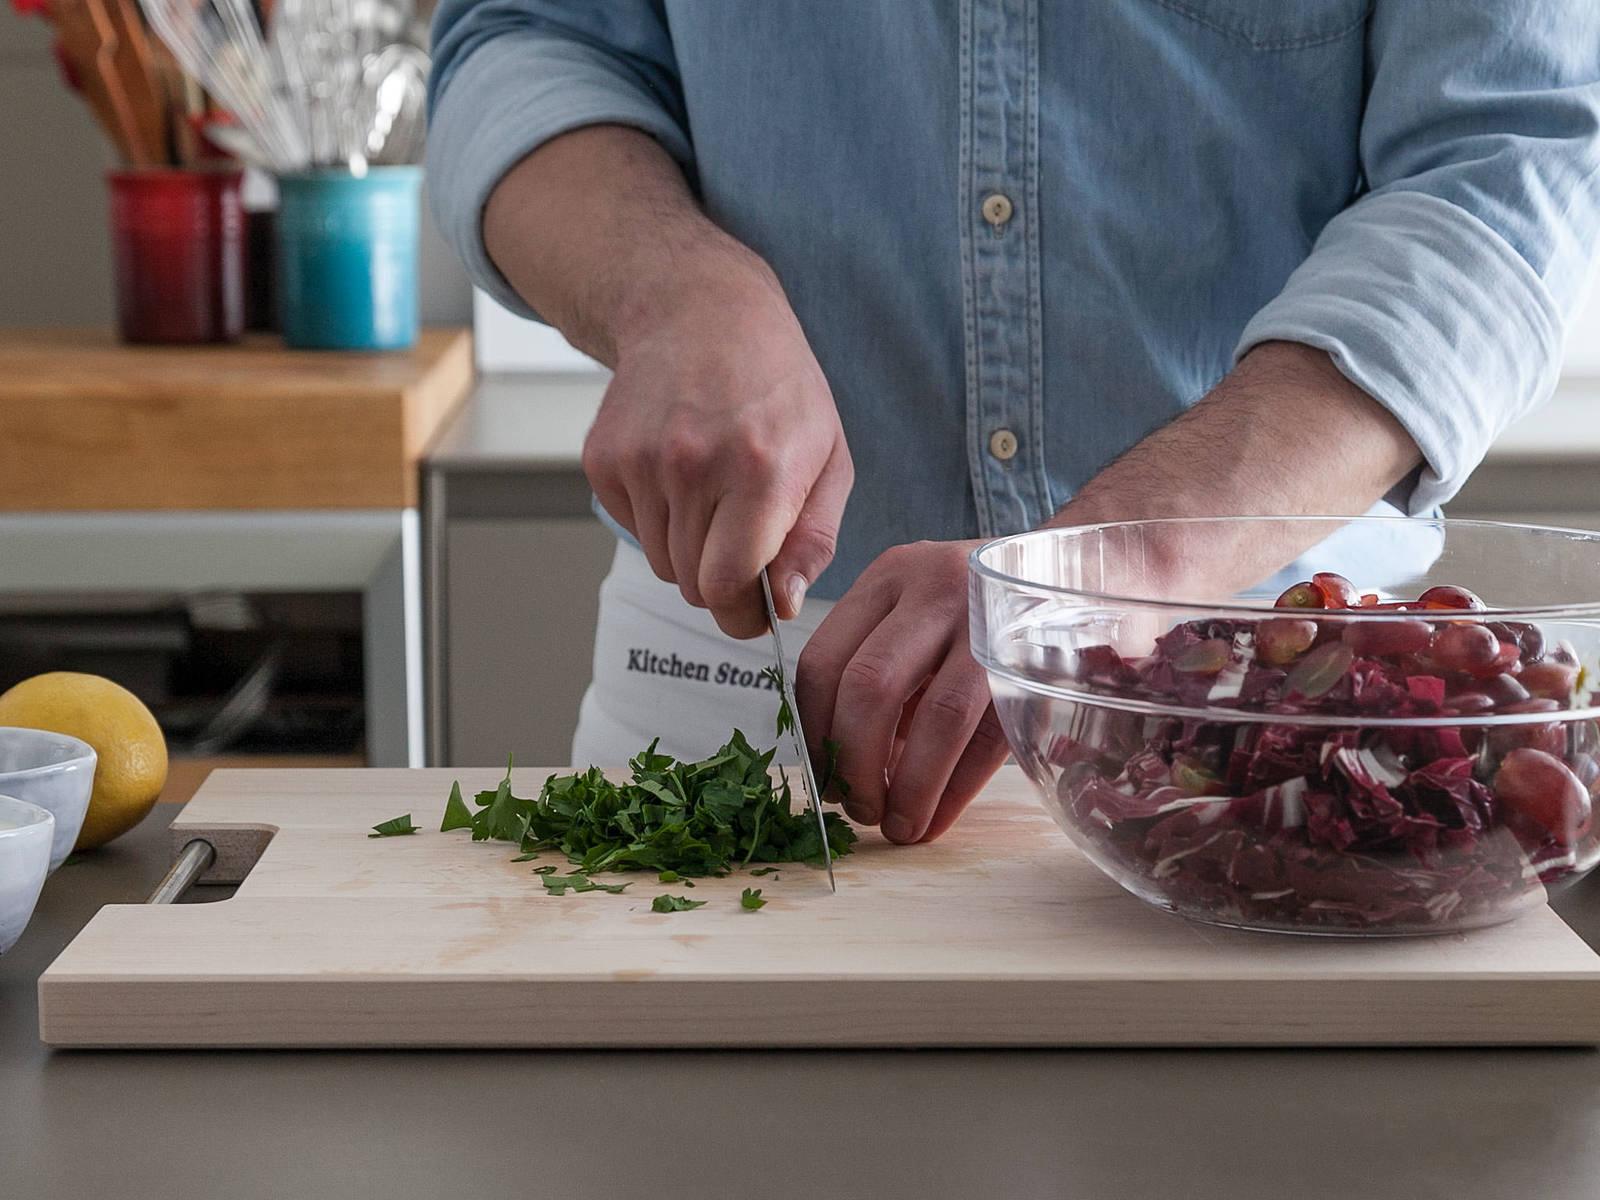 将菊苣切好,葡萄切半,欧芹大略切碎。和葵花籽一起放入碗中,搅拌均匀。将酸奶和柠檬皮碎倒入小碗中,搅拌混合。撒盐与胡椒调味。